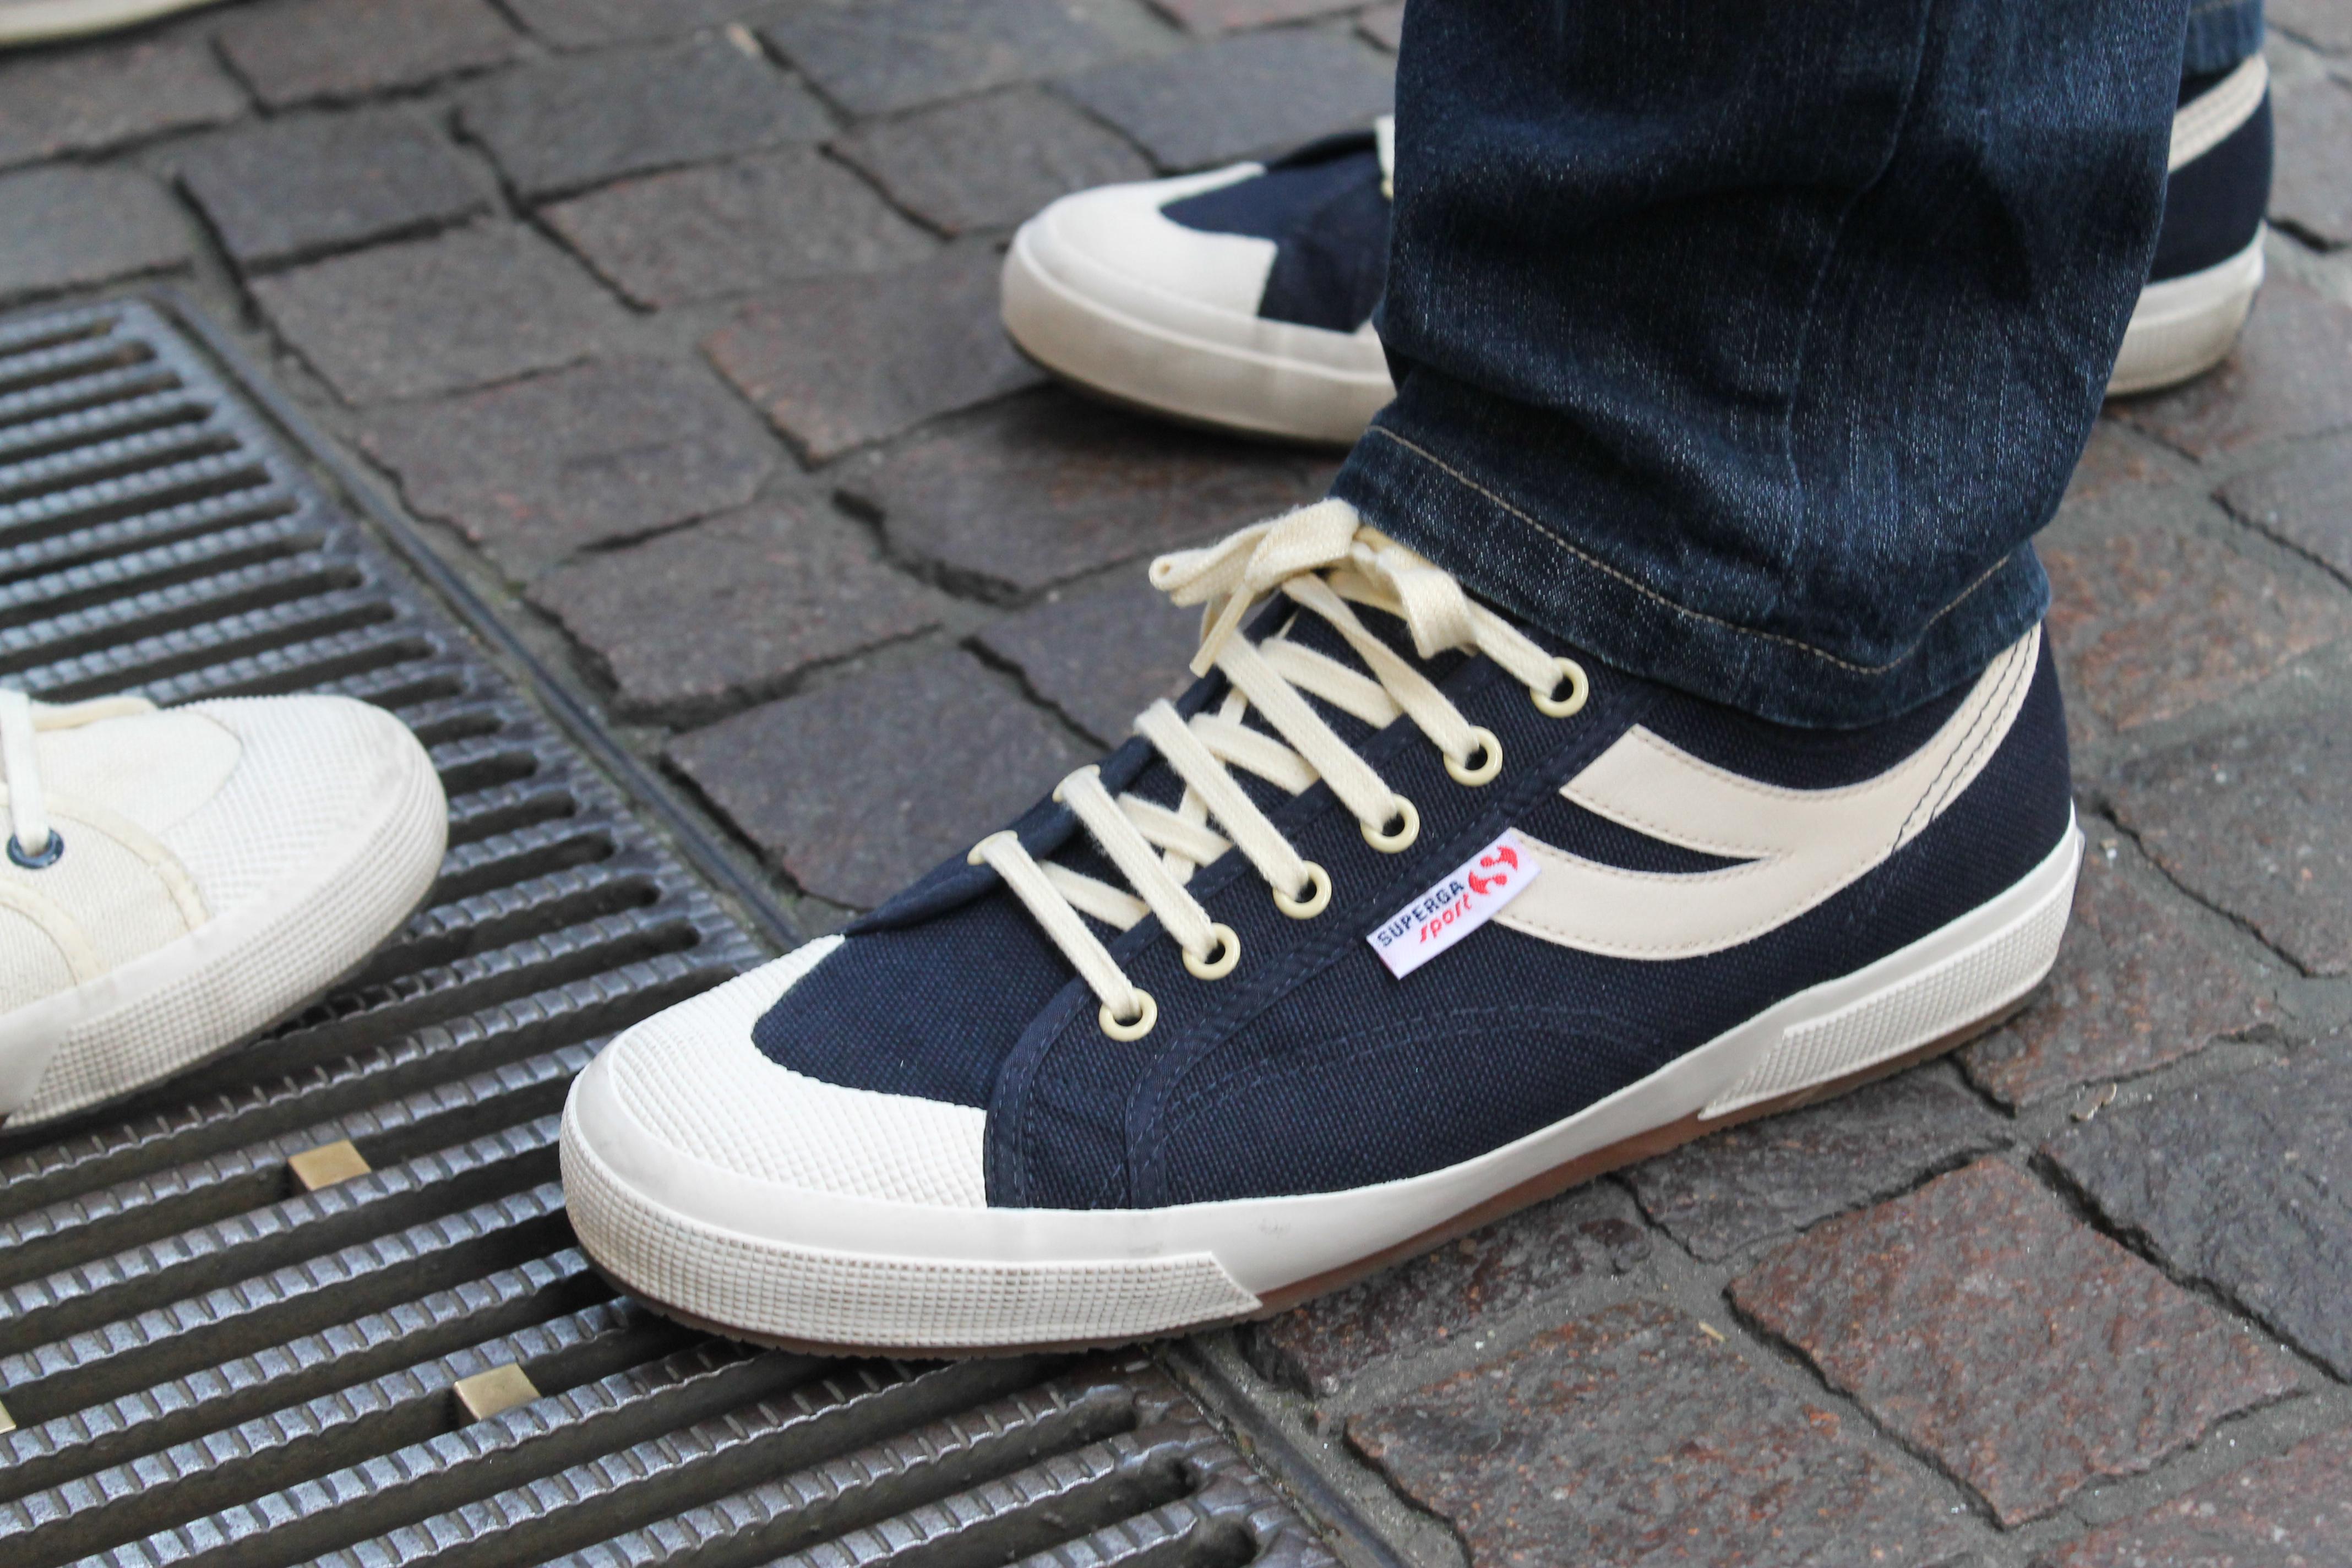 Una collezione di sneakers adidas e nike e adorazione dei piedi - 2 8